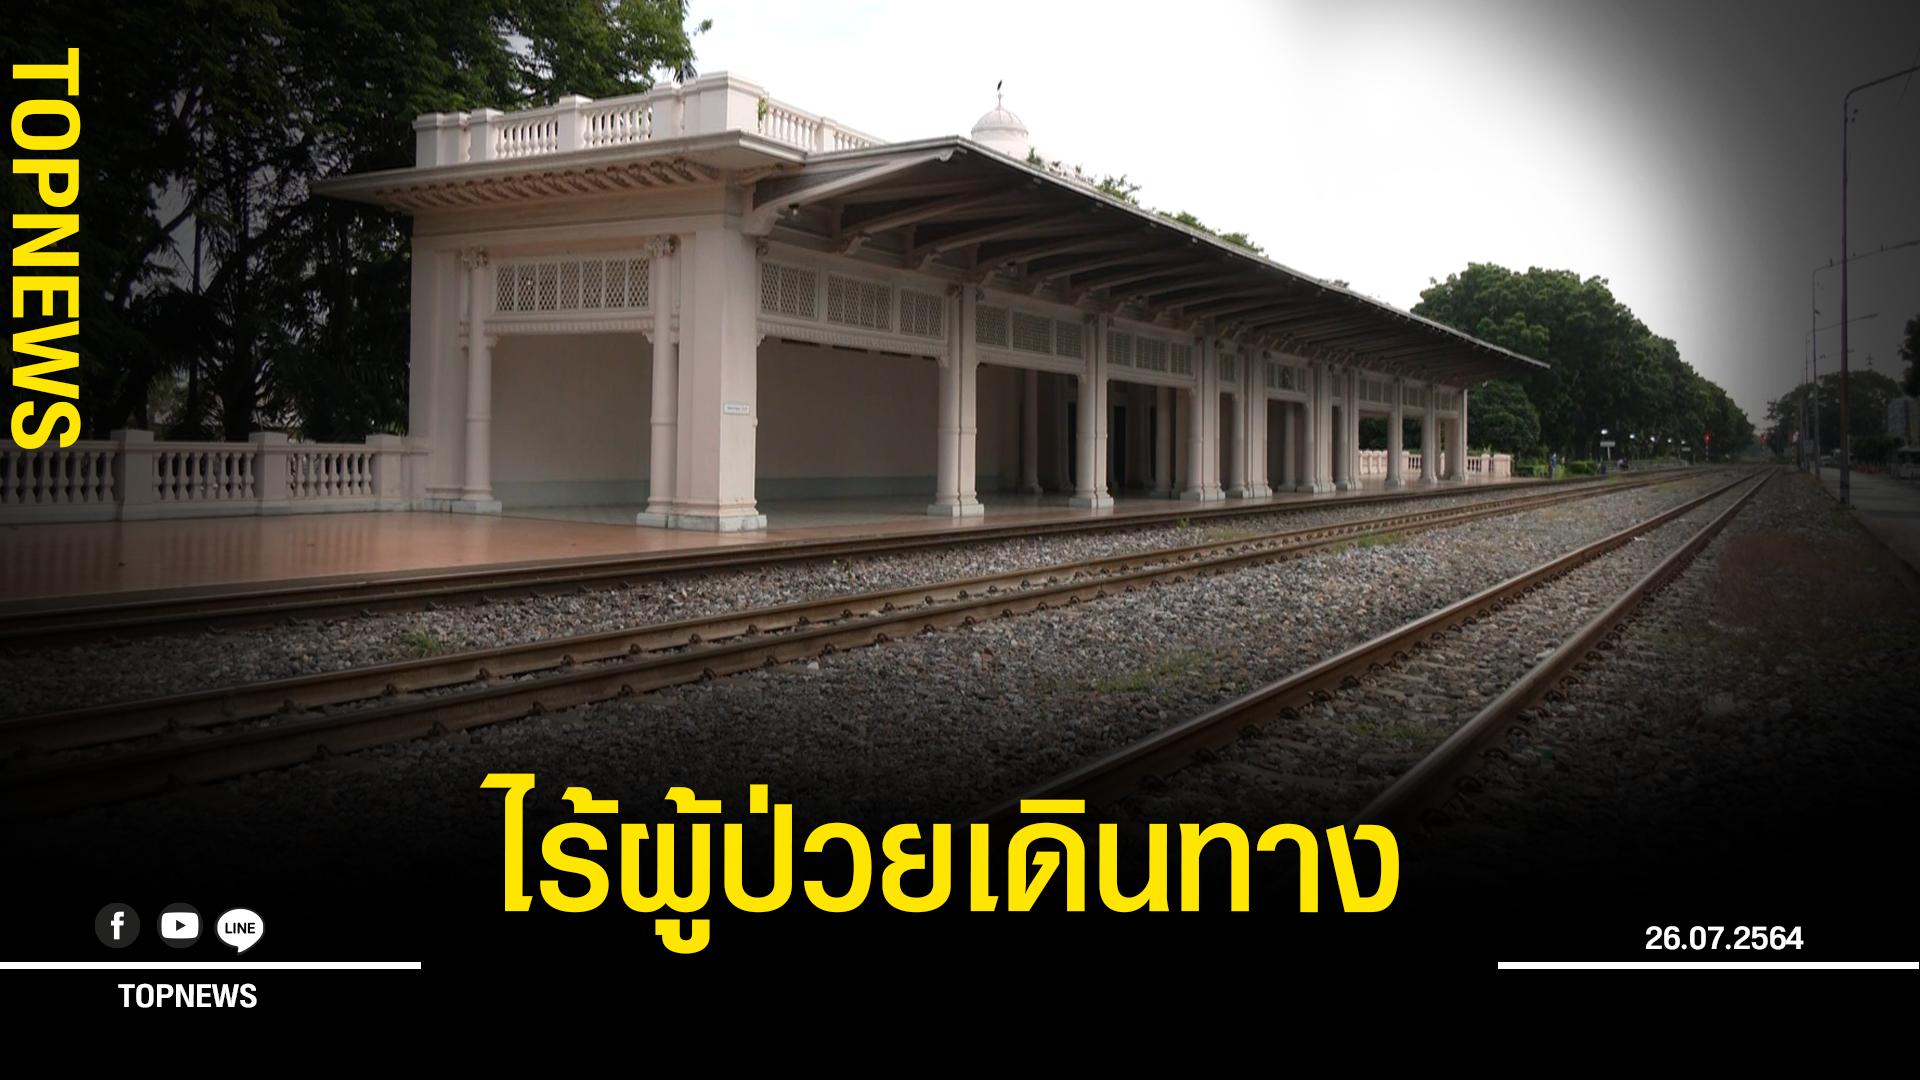 สถานีรถไฟหลวงจิตรลดา ไร้วี่แววผู้ป่วยติดเชื้อโควิดที่ลงทะเบียนขอเดินทางกลับบ้านเกิด